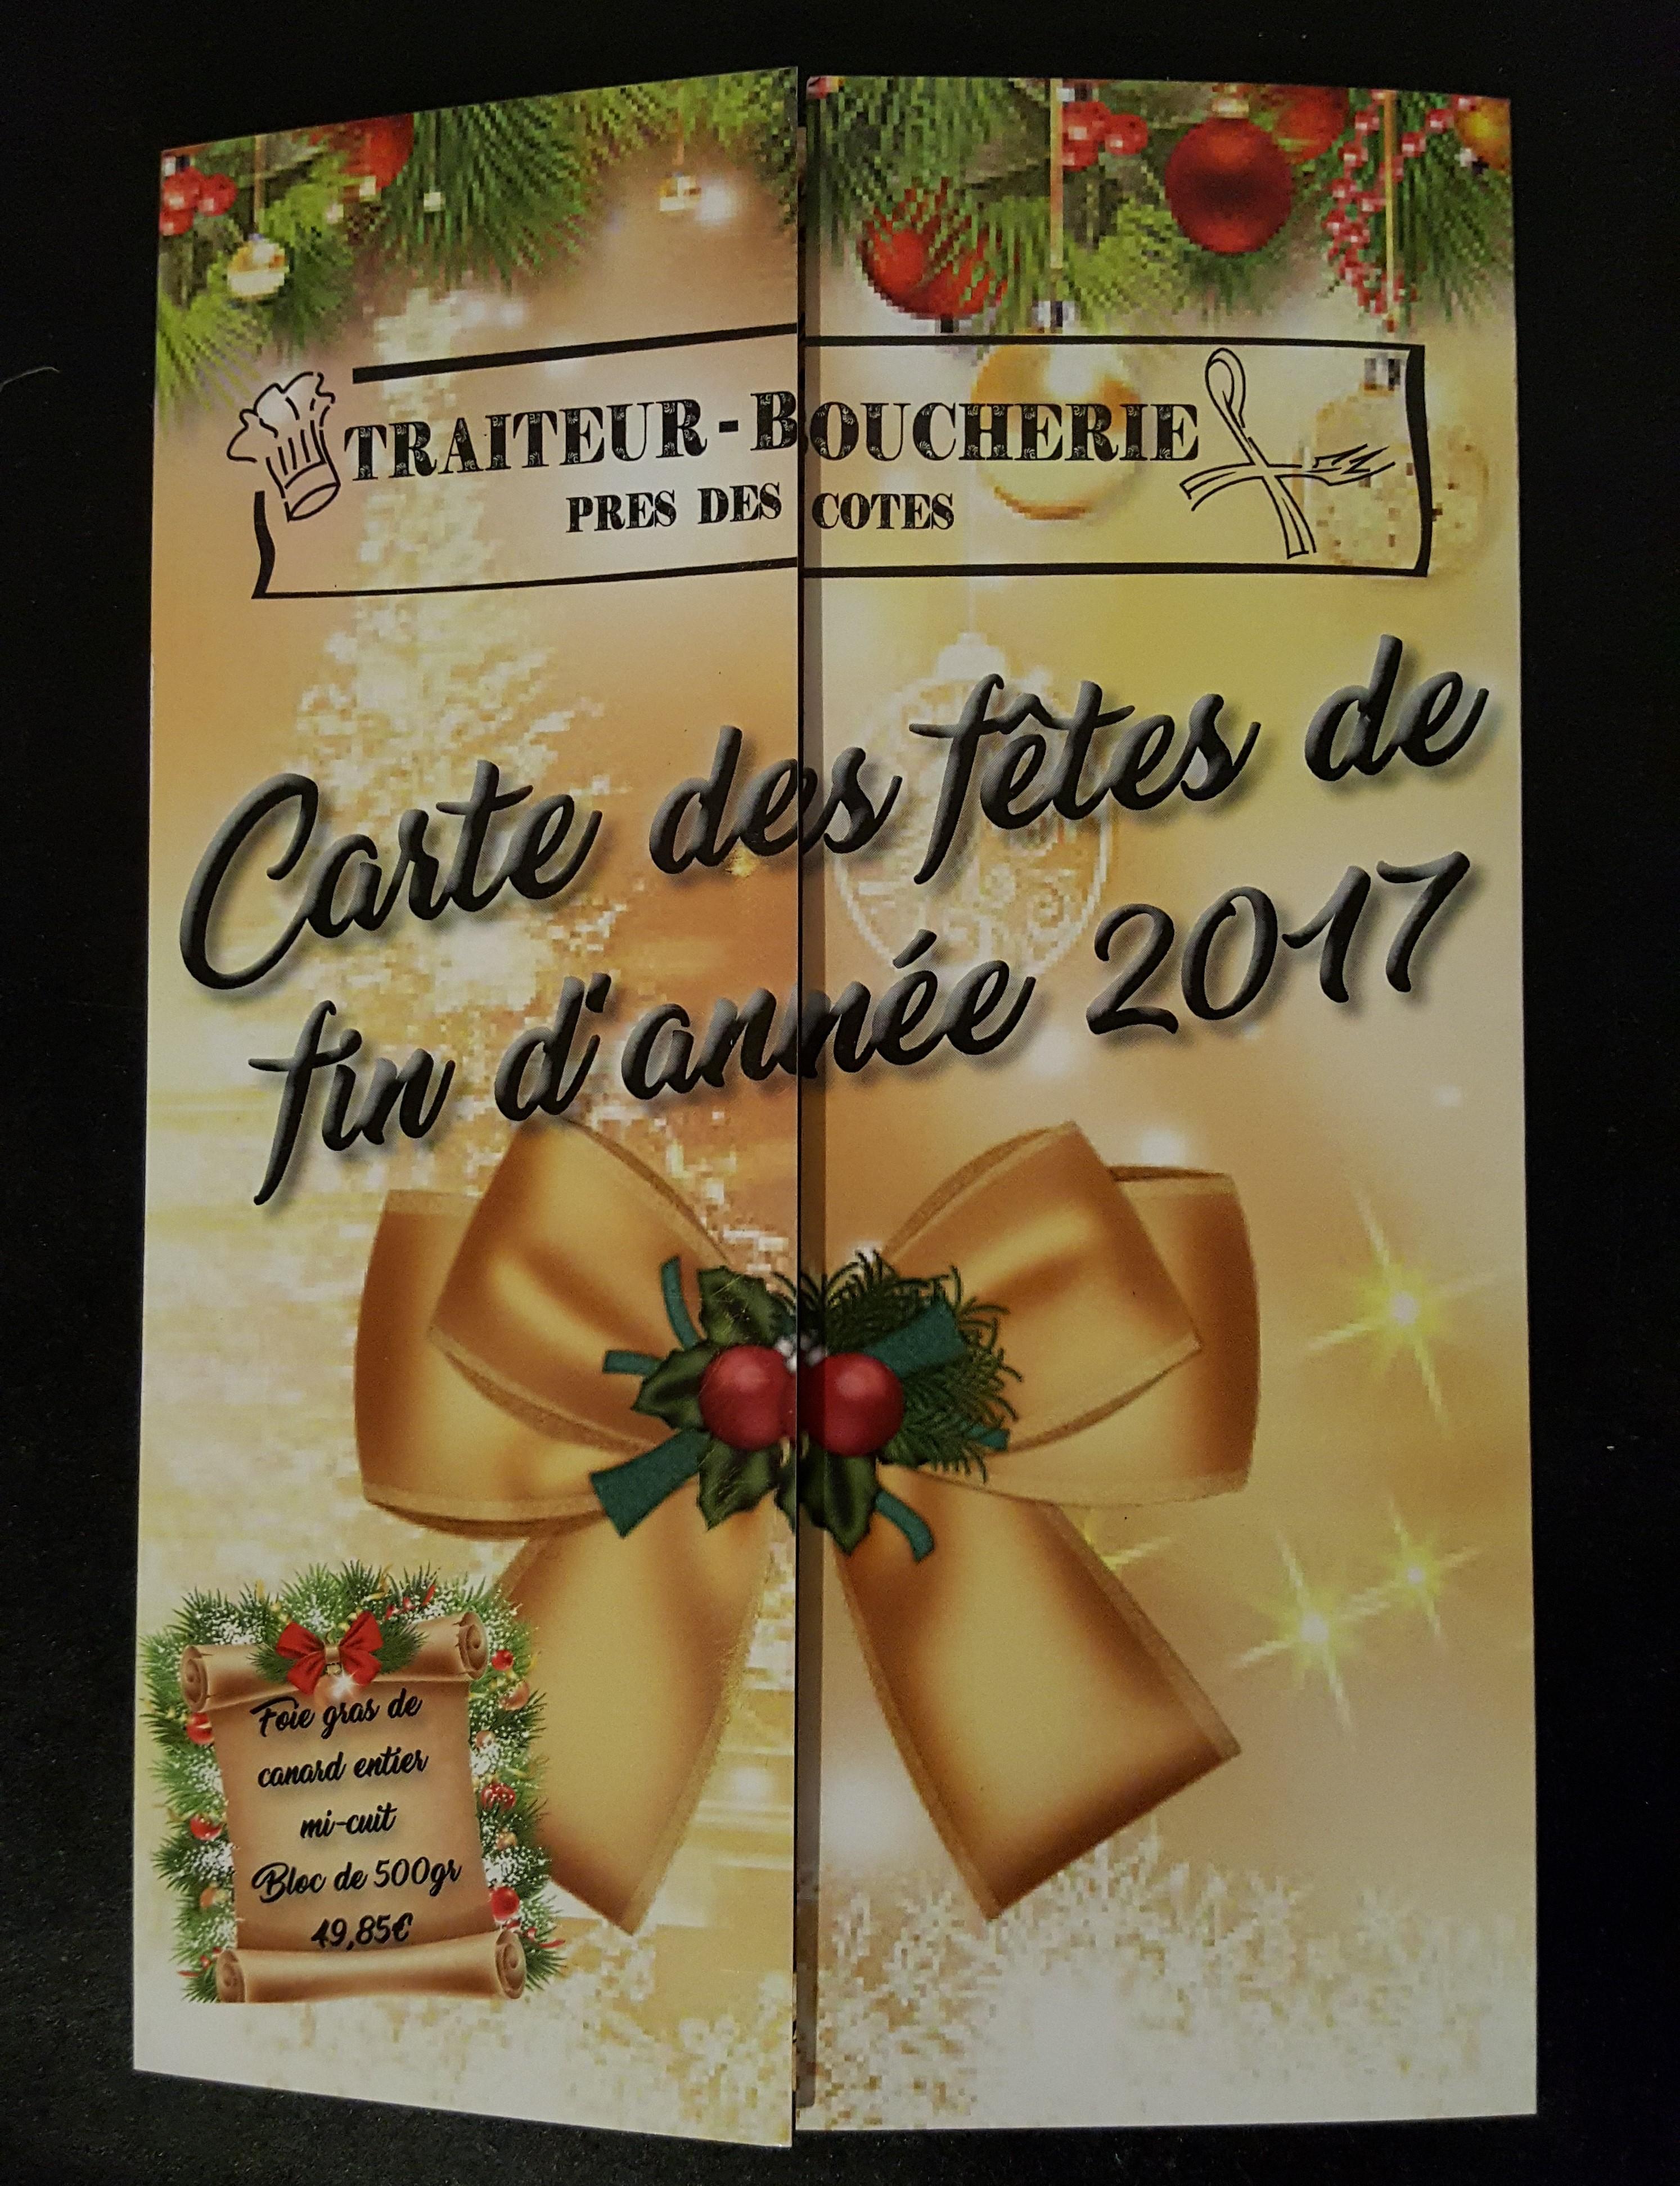 Carte des fêtes Traiteur Près des cô